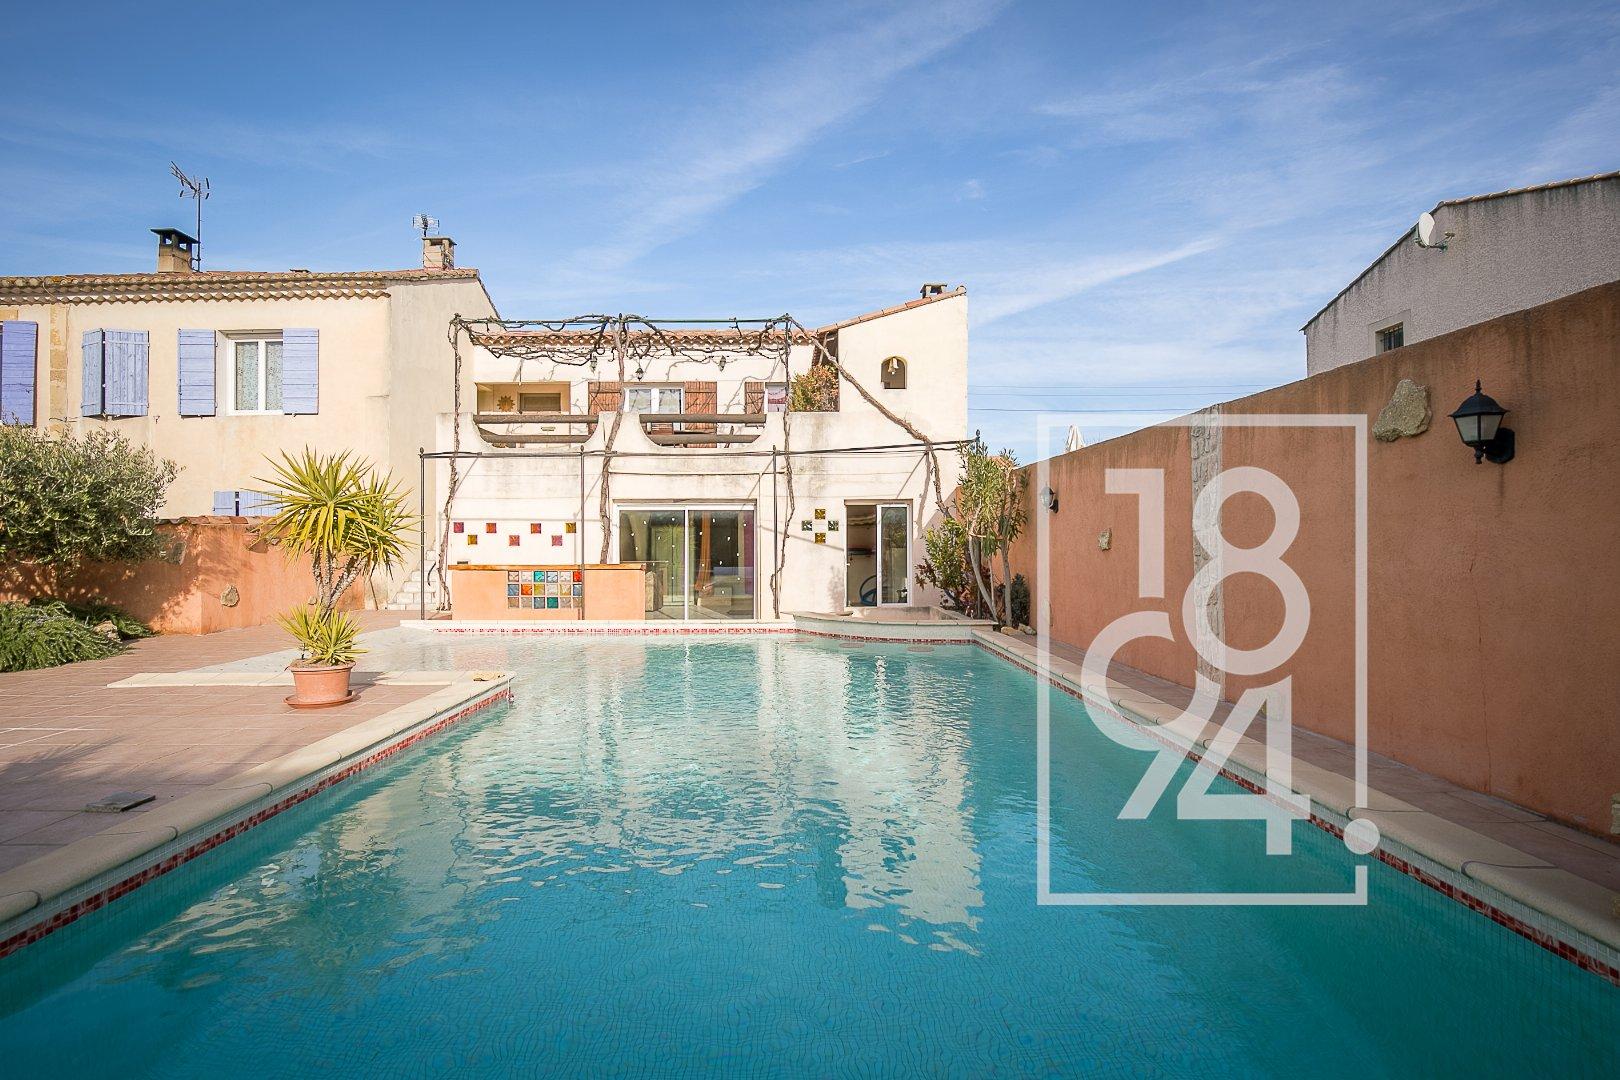 Appartement type T5 d'environ 110m2 avec jardin de 200m2 à Salon de Provence